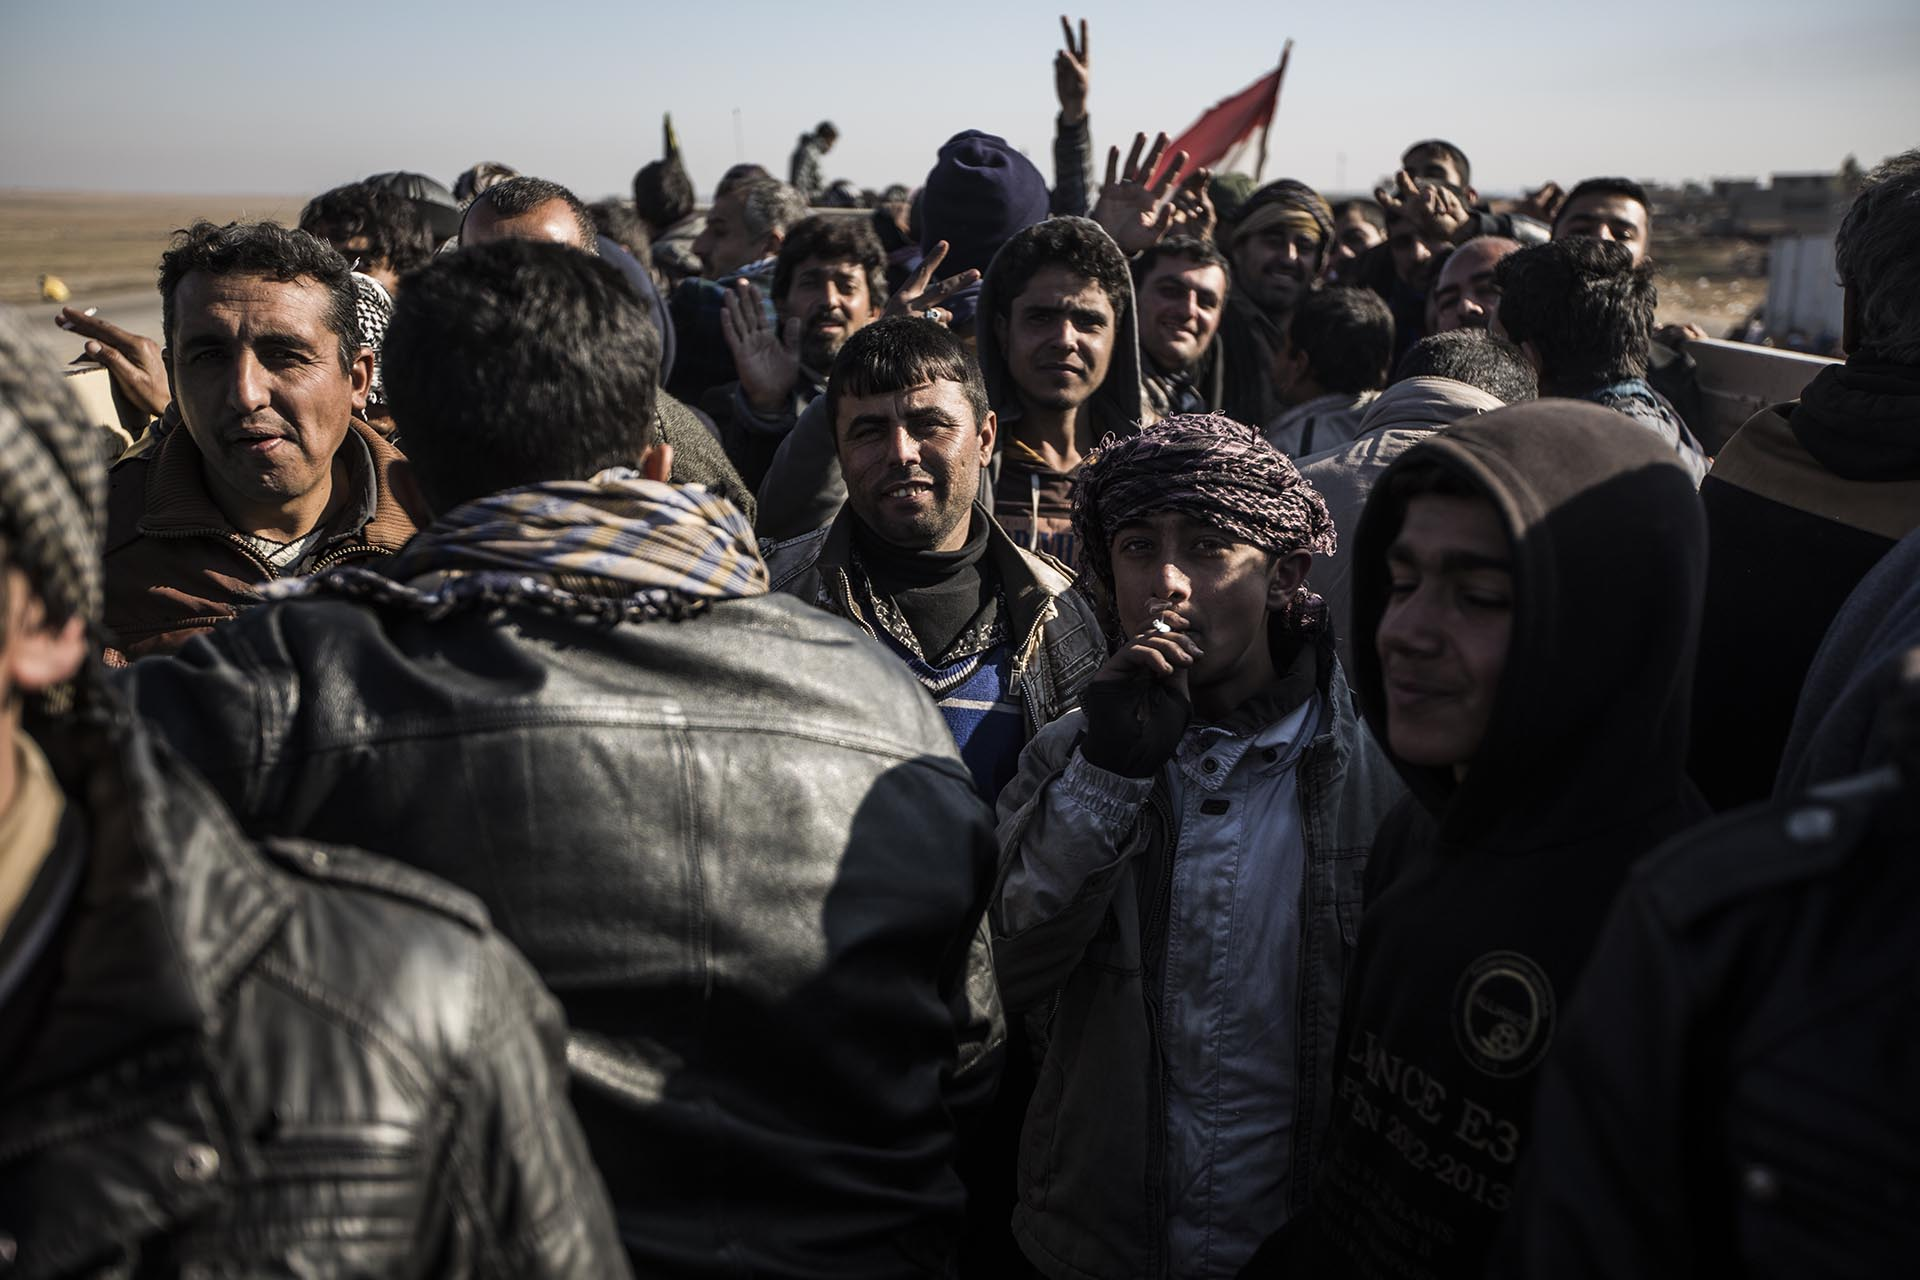 Cientos de yazidíes llegan en hacinados camiones al campo de refugiados de Essian cada día huyendo del ISIS (Pablo Cobos)